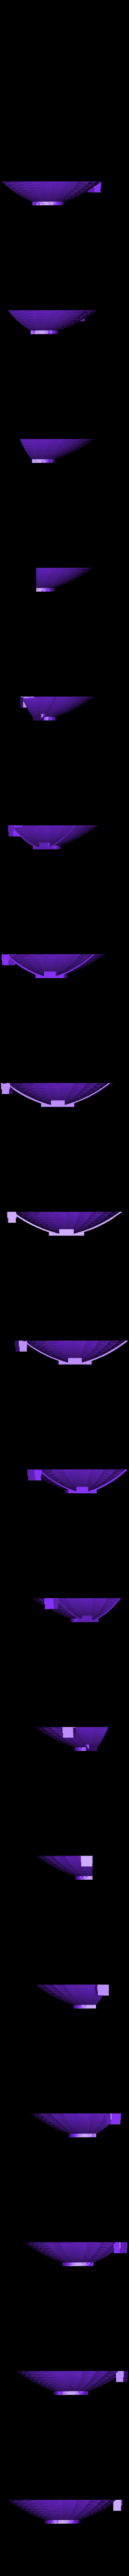 maindish1.stl Télécharger fichier STL gratuit Pionnier • Design pour impression 3D, Slagerqod